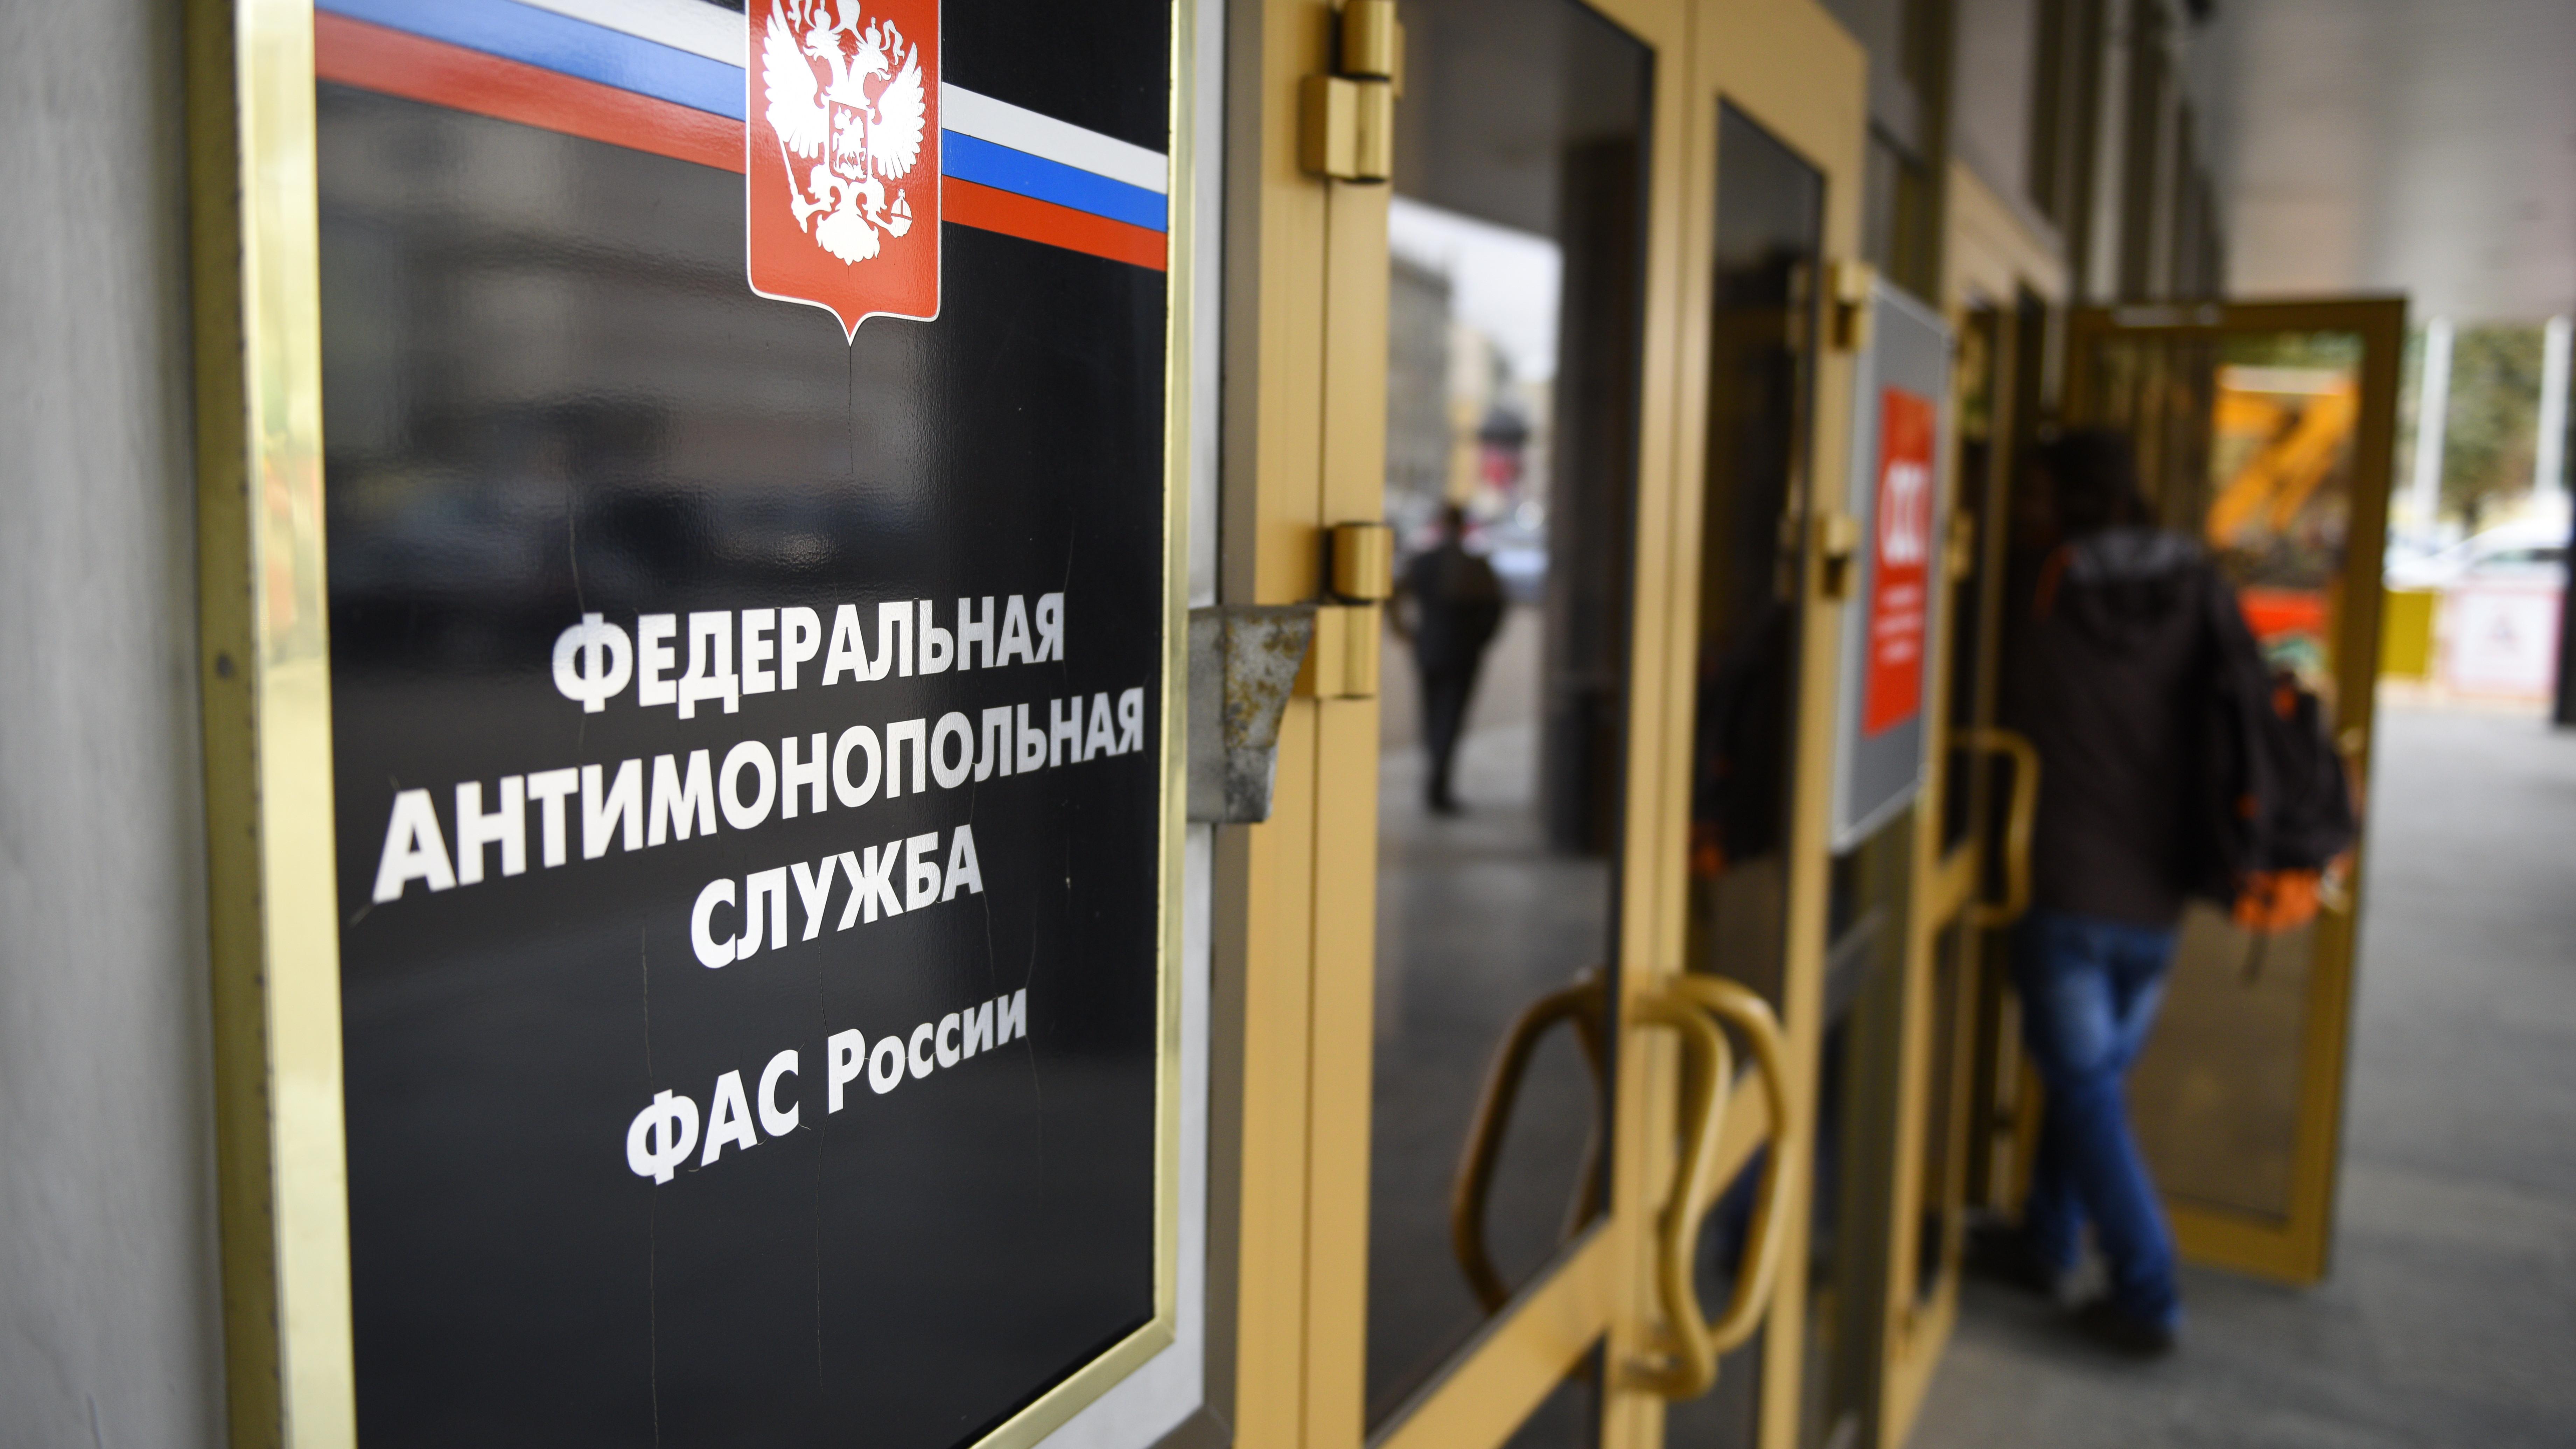 УФАС Подмосковья подозревает ООО «Химсервис» и «Гиперторг» в картельном сговоре